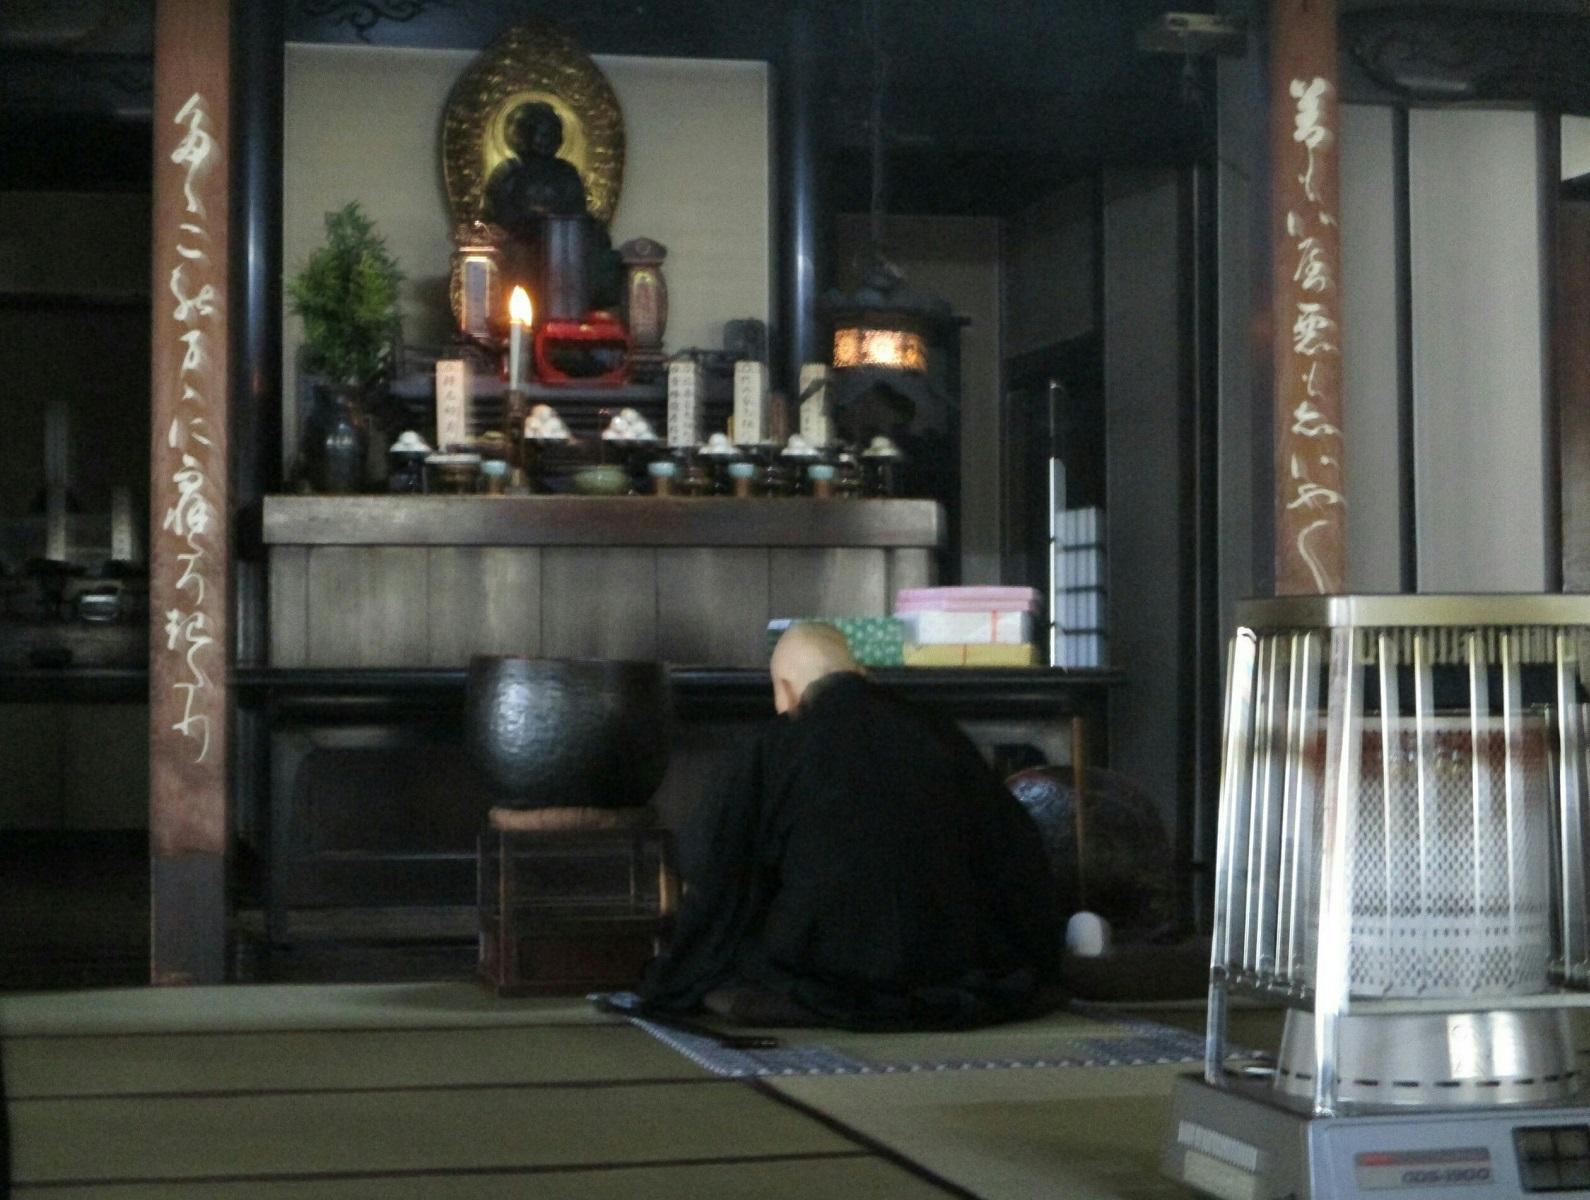 2019.2.18 (9) 青大悲寺 - おきょう 1590-1200